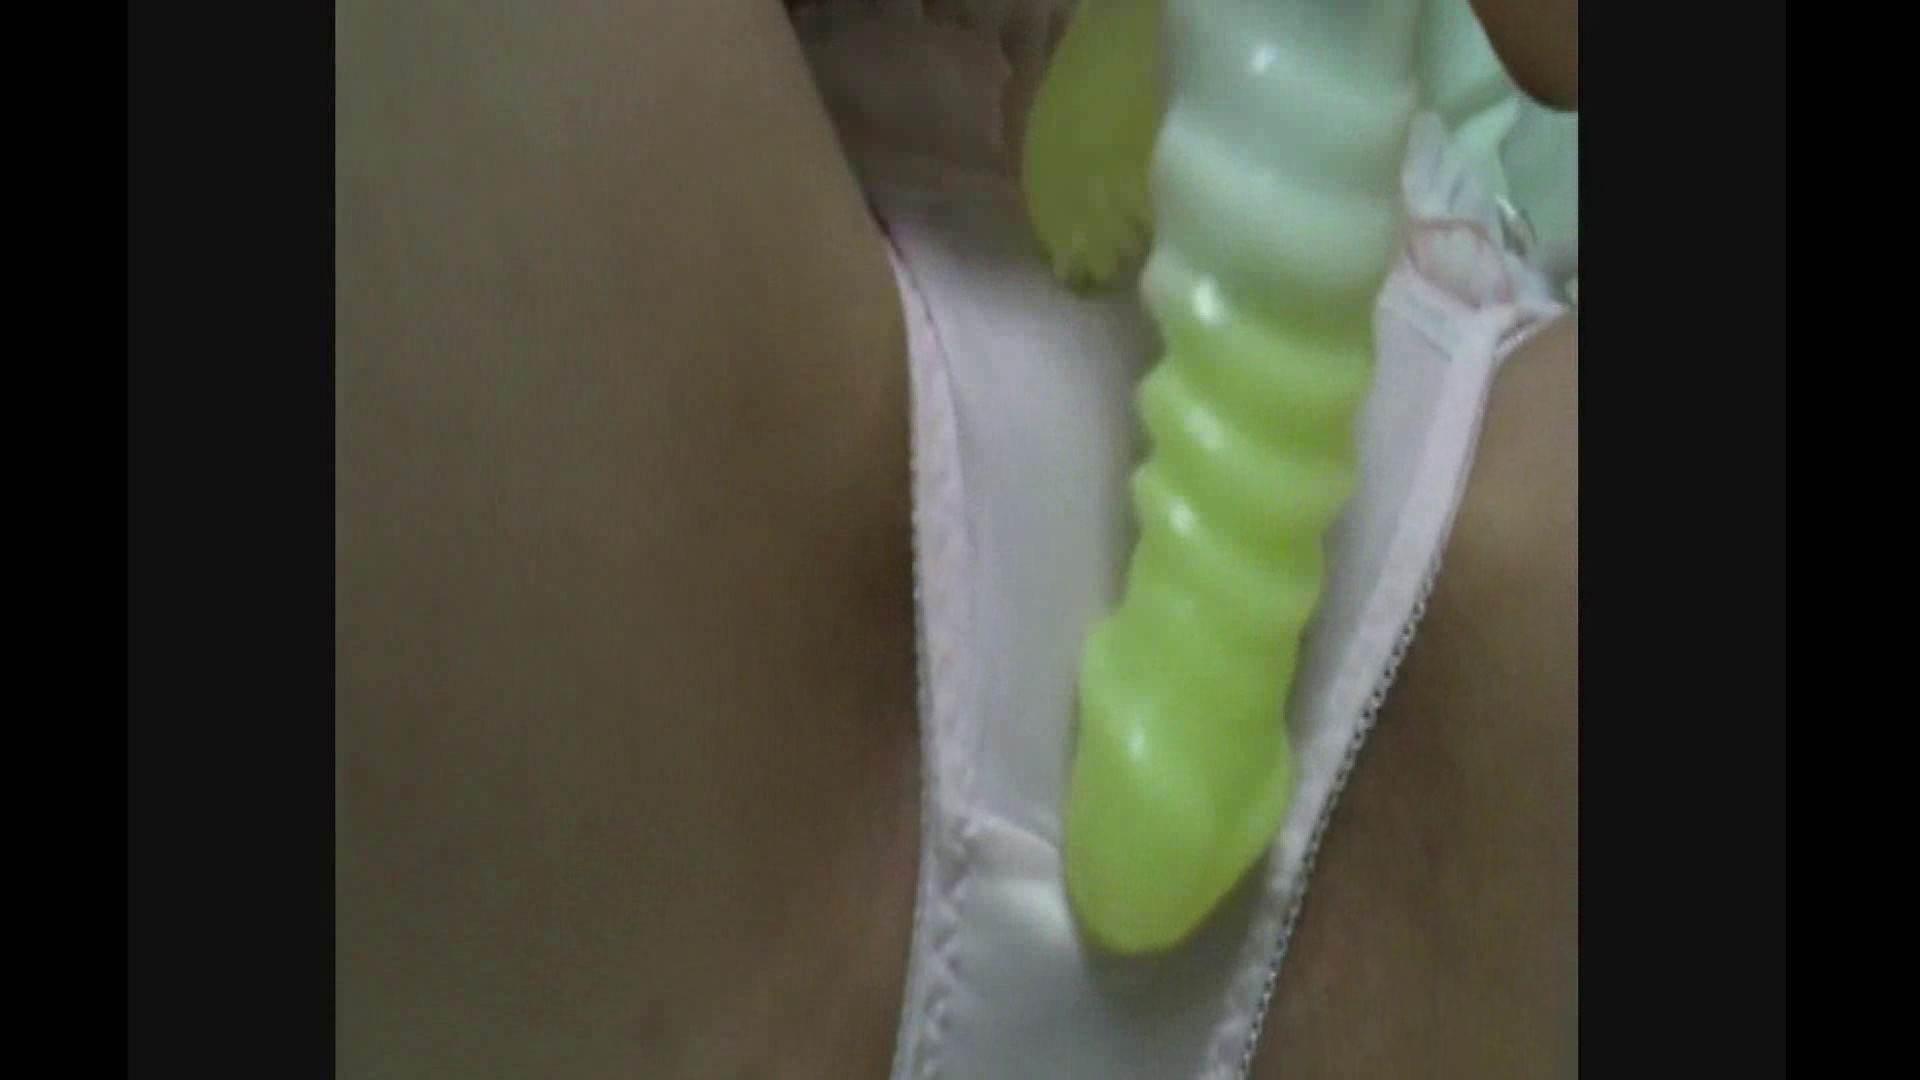 淫乱オナニー百花繚乱 Vol.03 美女のエッチ エロ画像 105pic 59